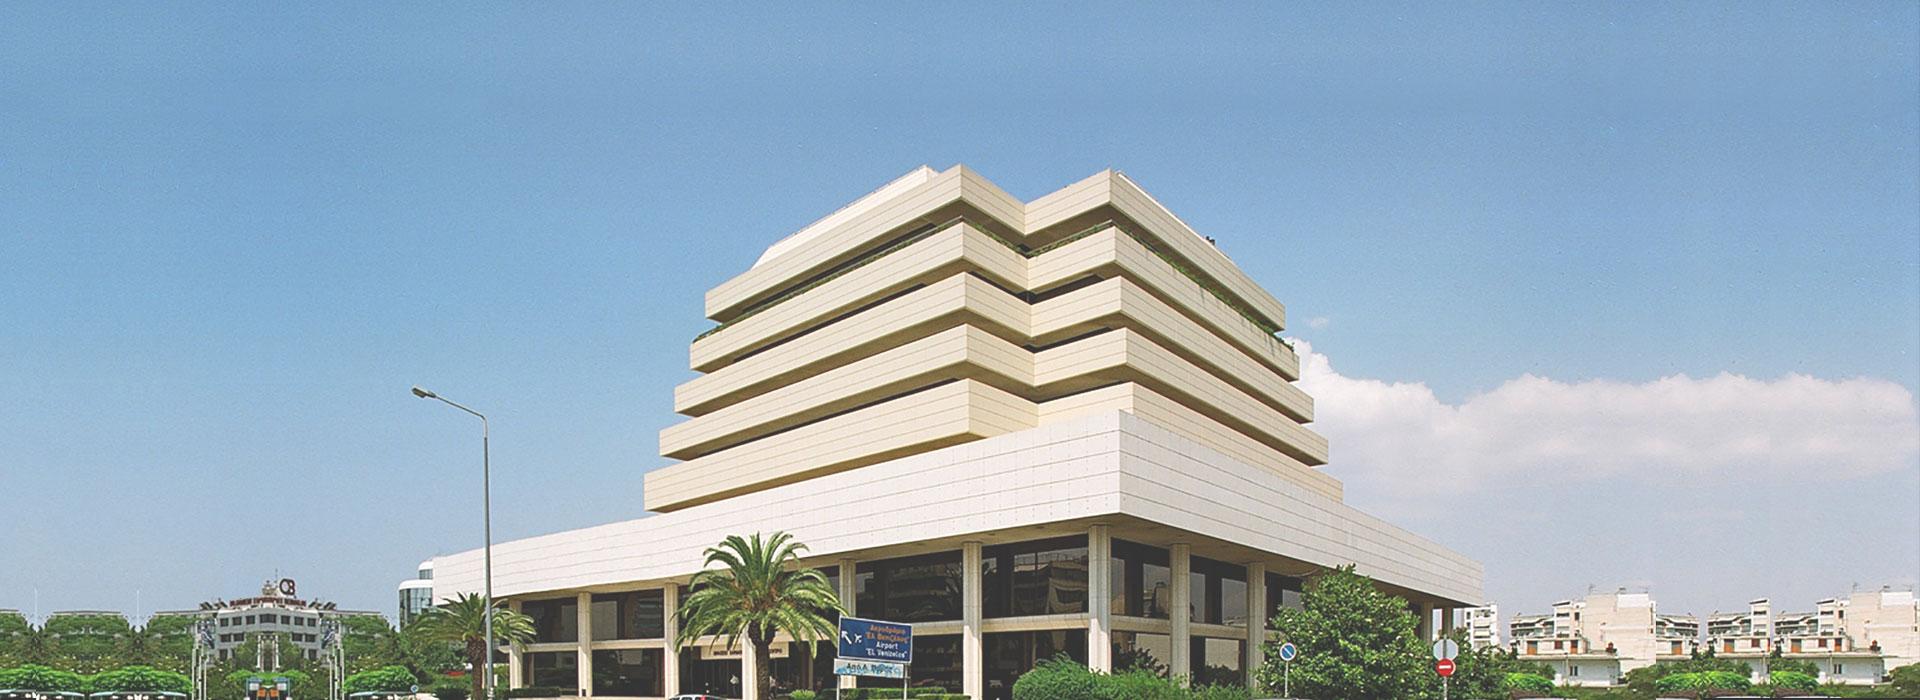 Ωνάσειο Καρδιοχειρουργικό Κέντρο